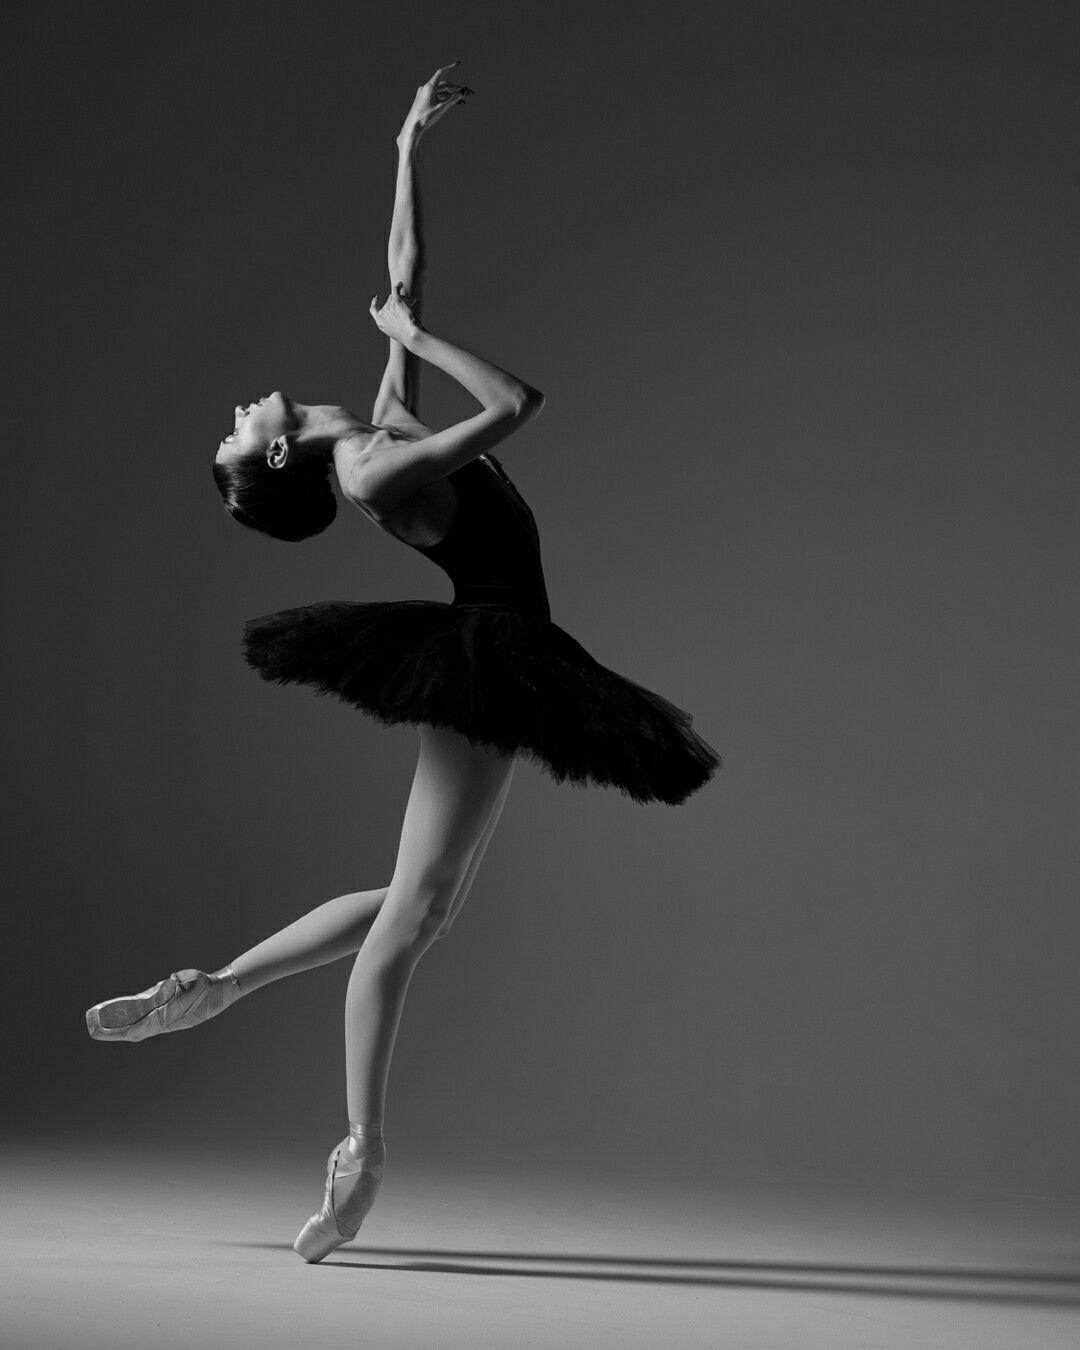 d704599025284 Desenho artístico nanquim 7 Tudo Sobre Ballet, Bailarina Dançando,  Sapatilhas De Ponta, Vamos